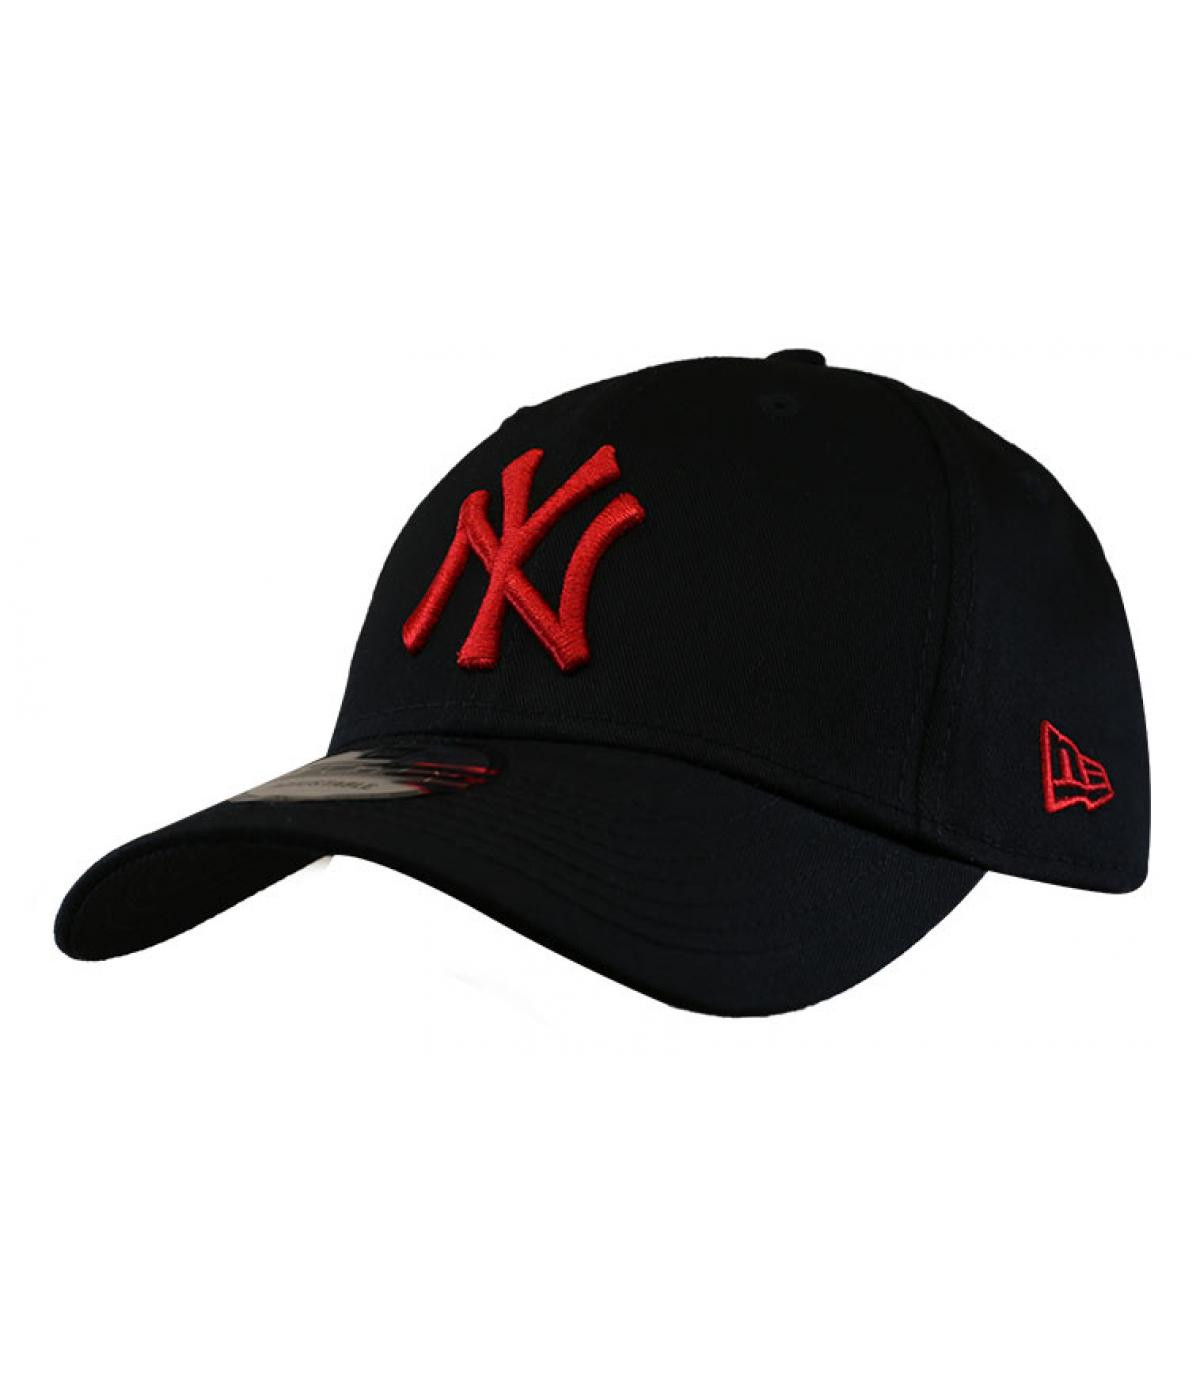 Détails Casquette League Ess 940 NY black red - image 2